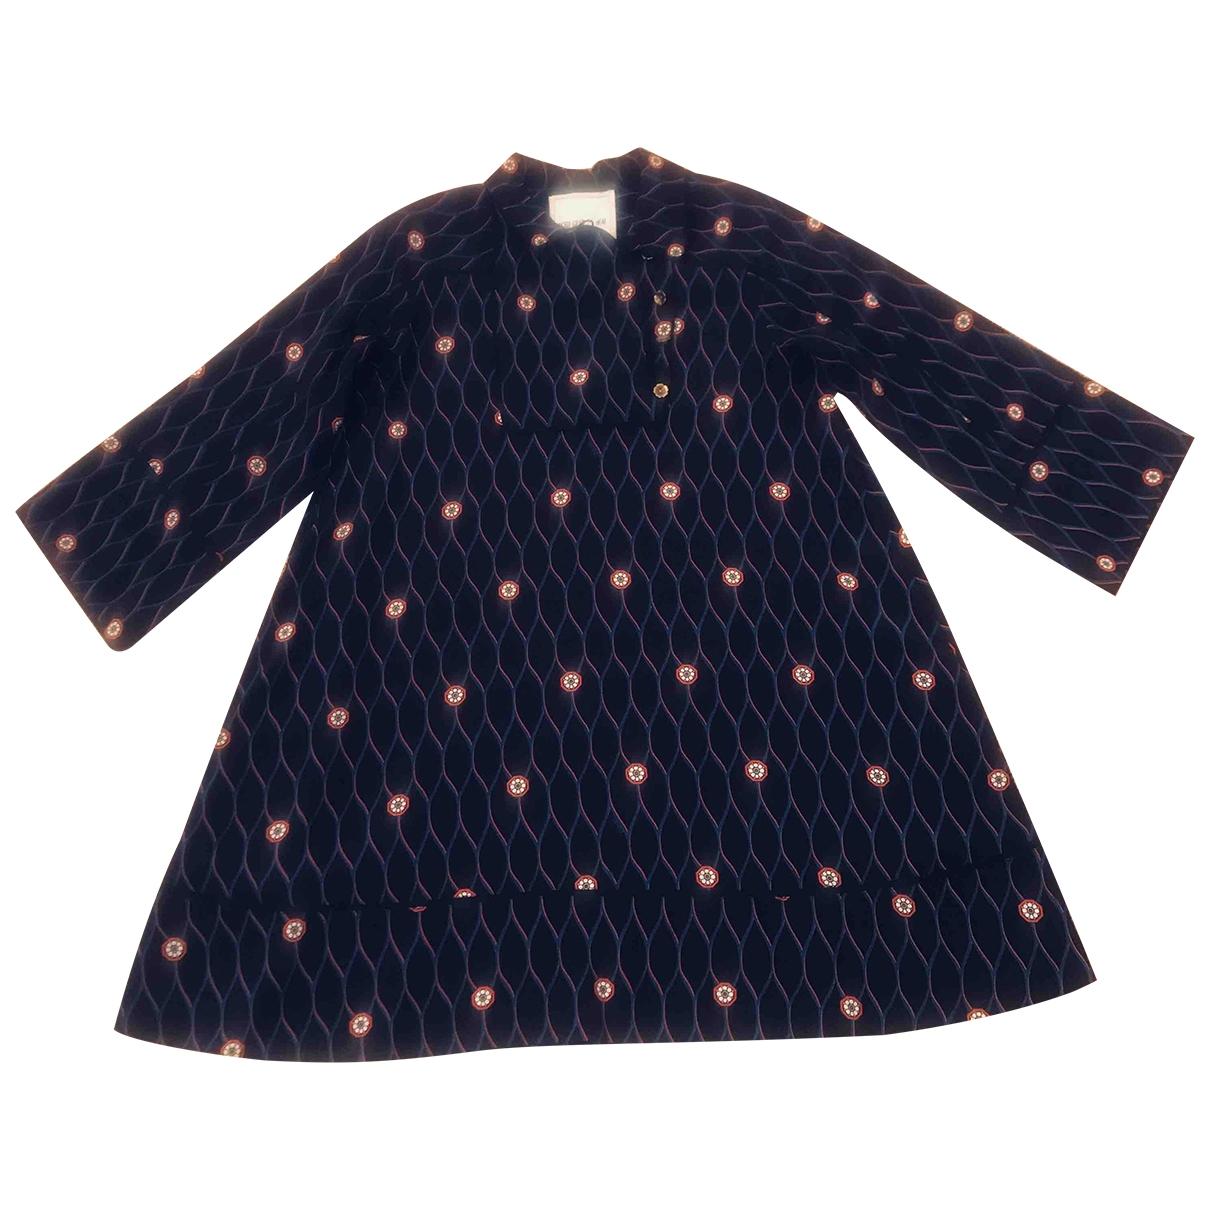 Mini vestido de Seda Kenzo X H&m